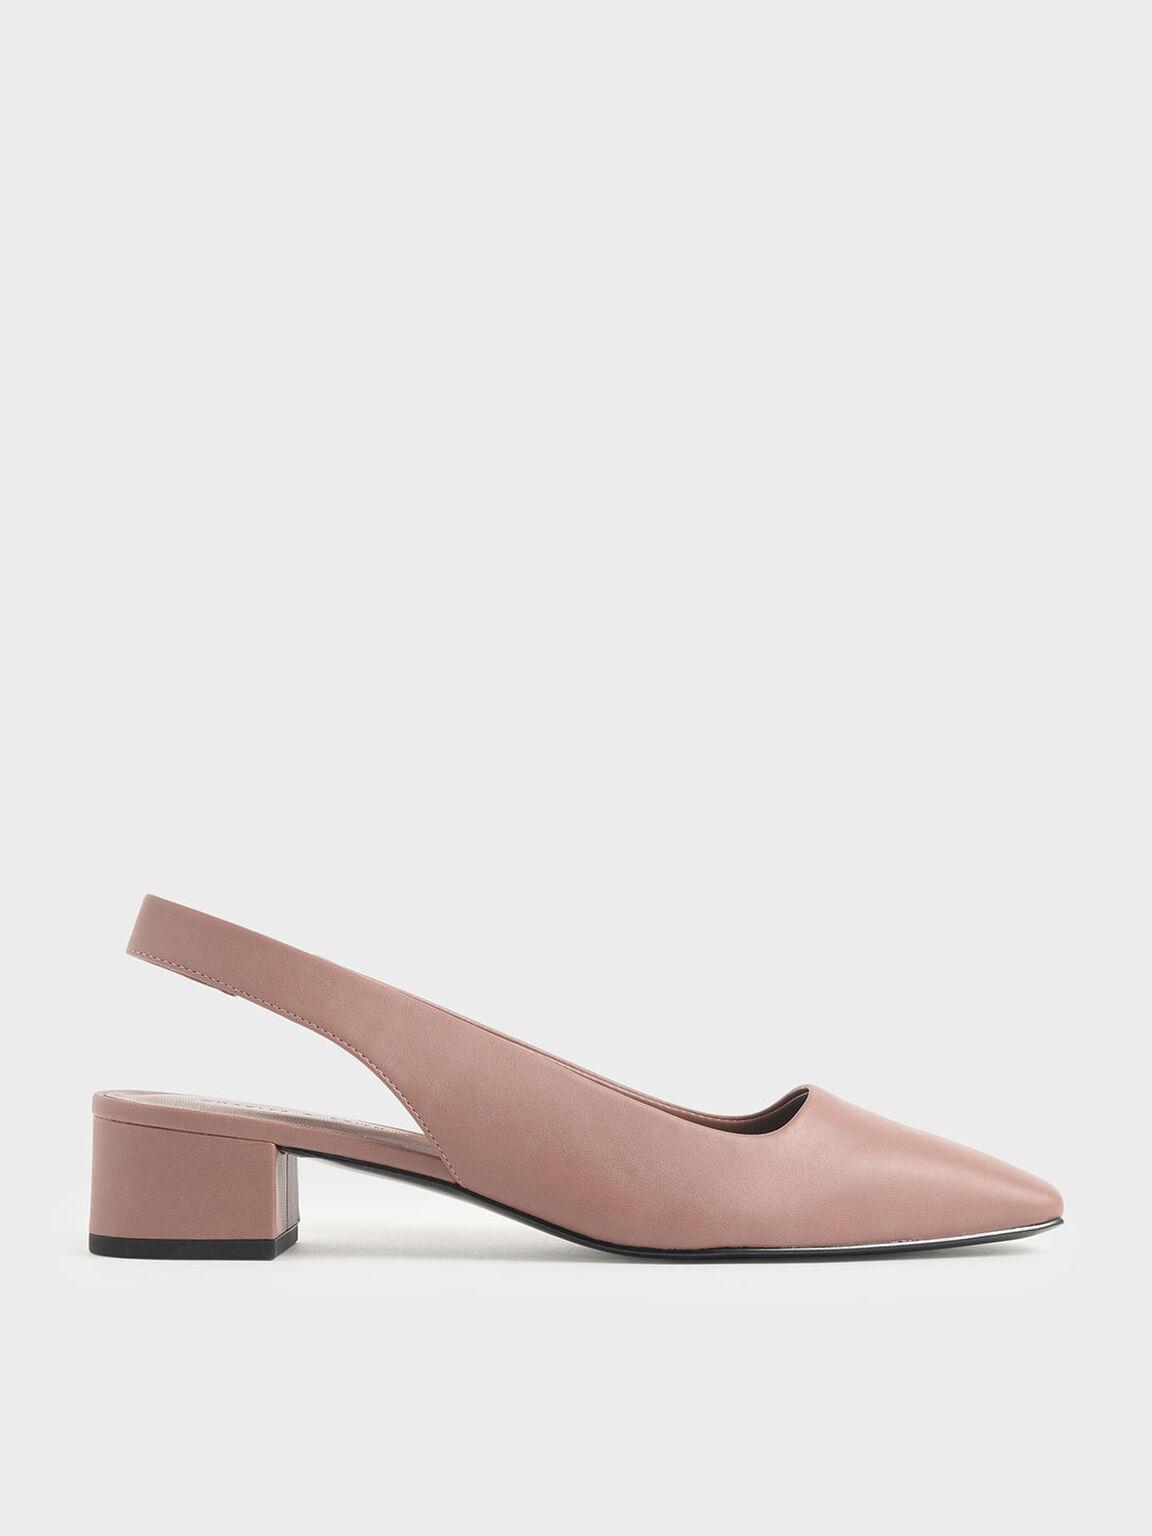 Square Toe Block Heel Slingback Pumps, Pink, hi-res